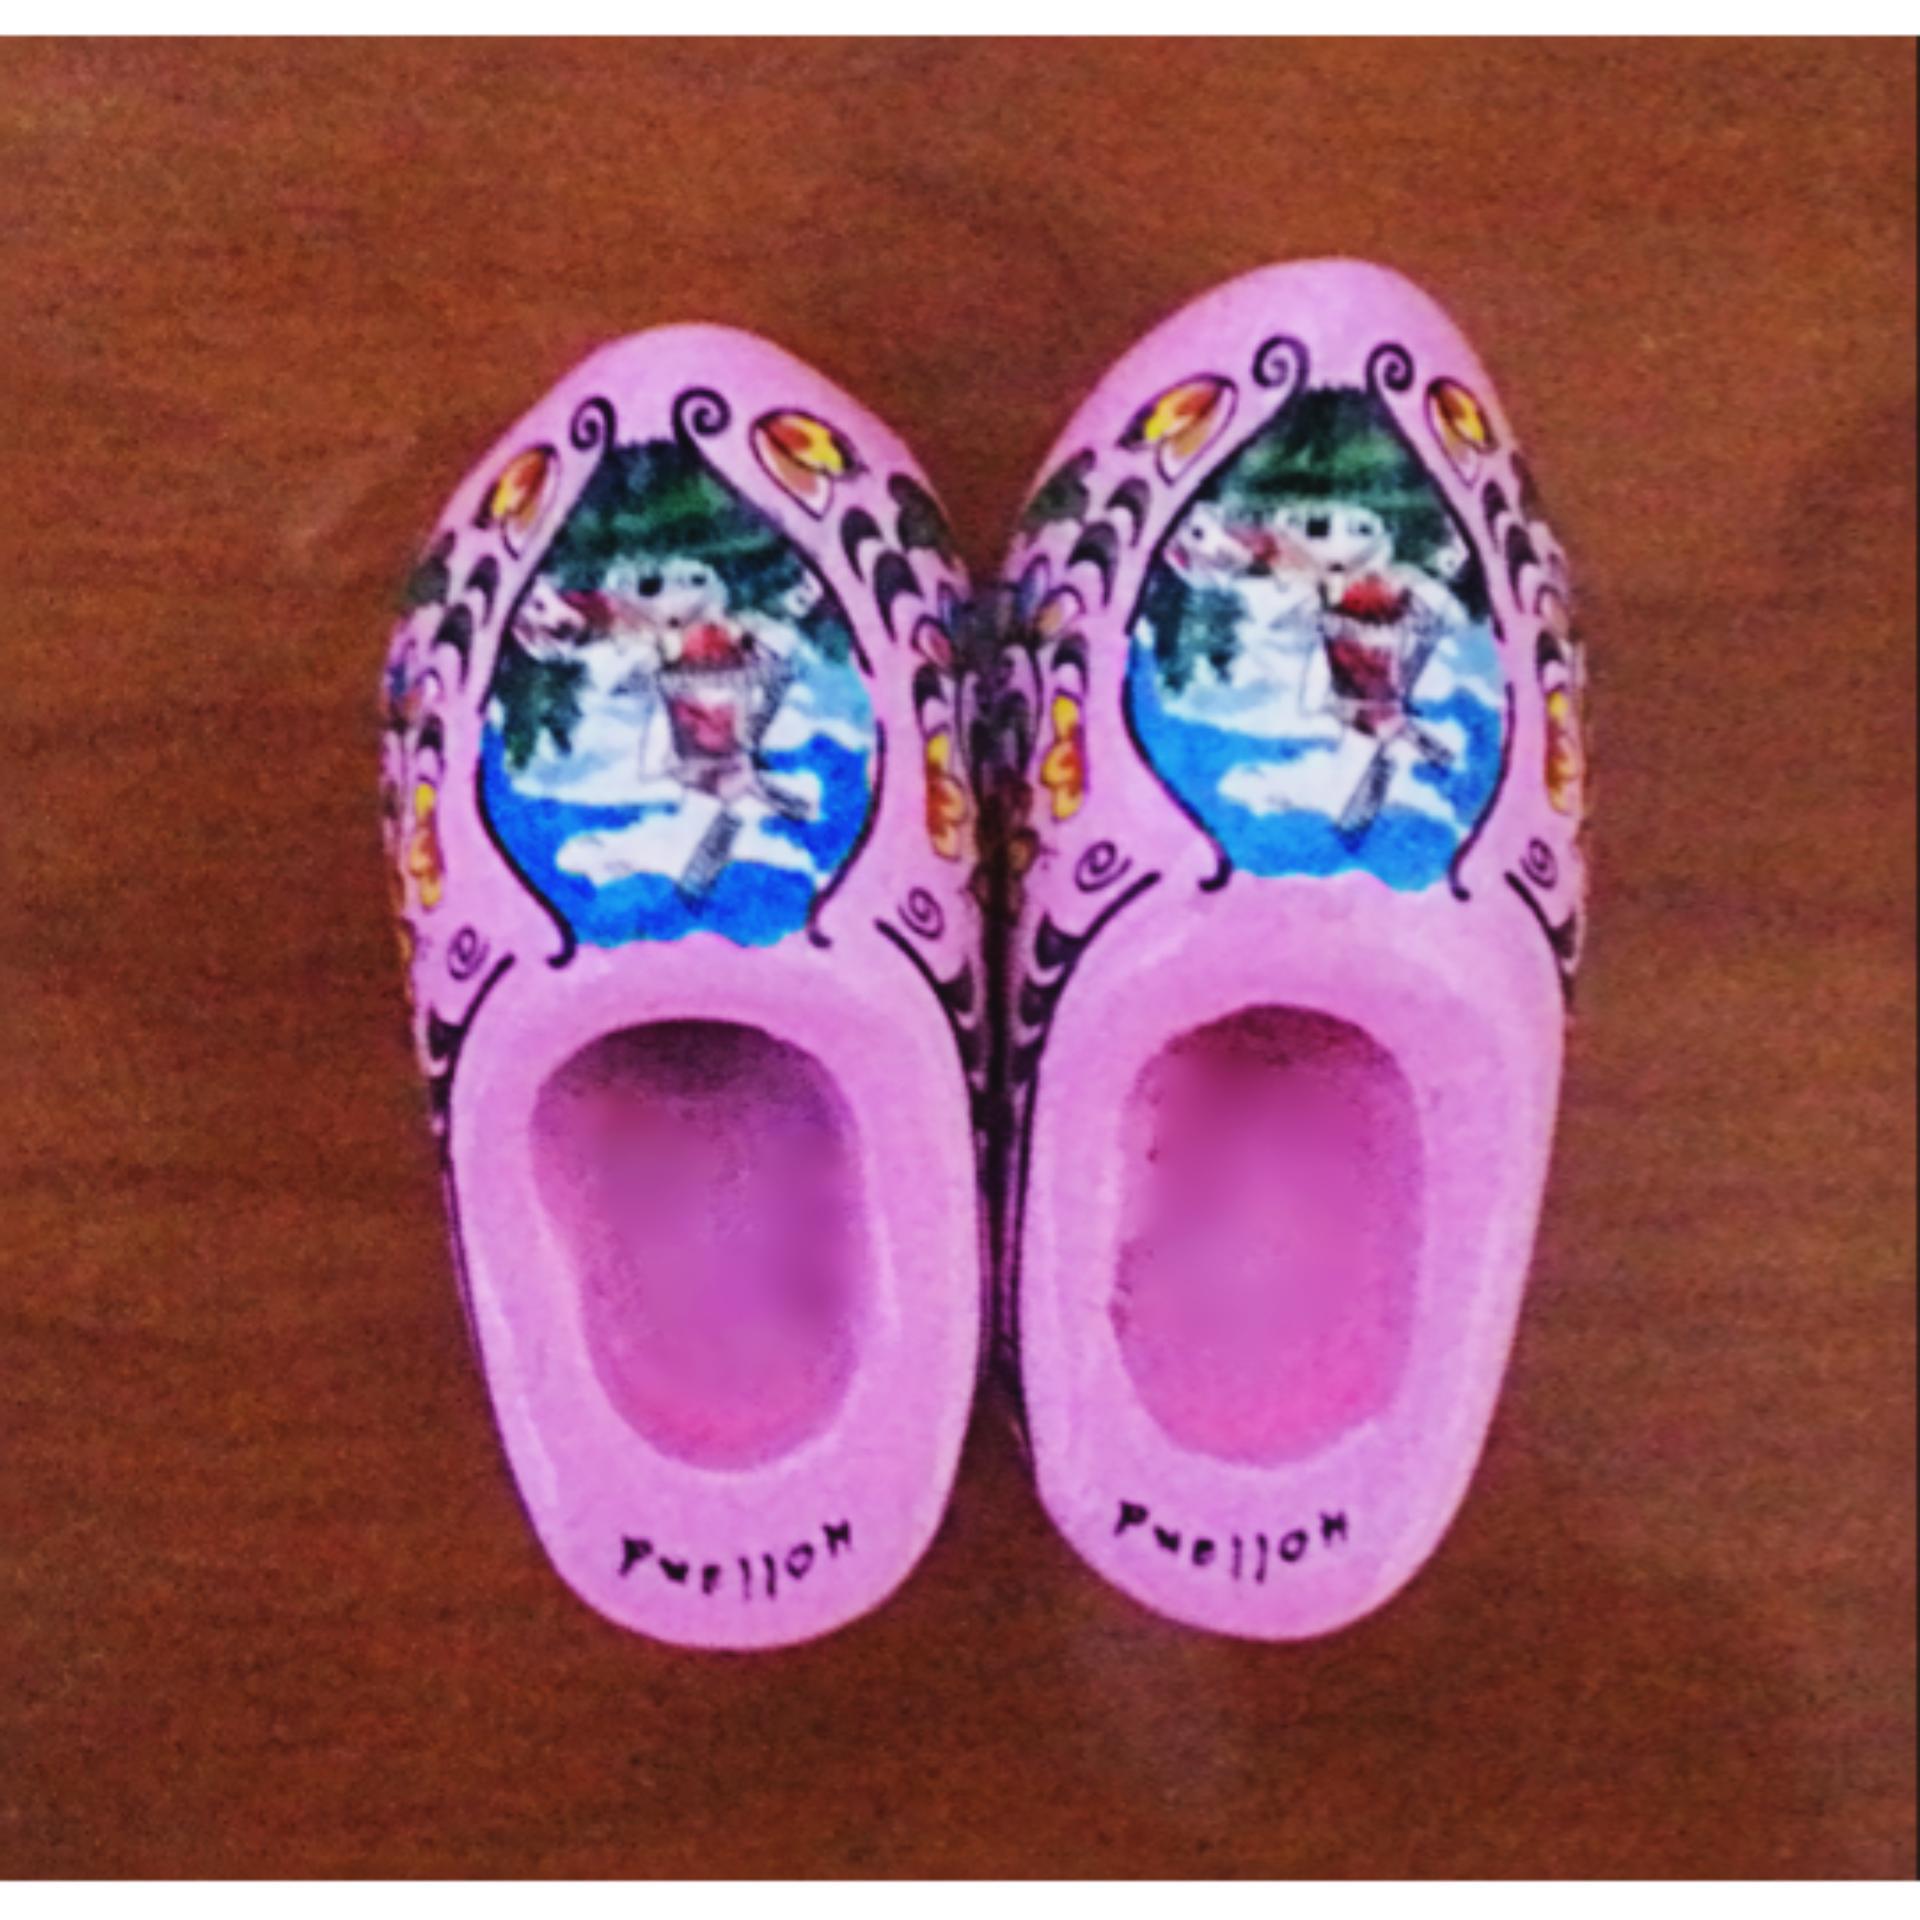 ... ychateau Magnet Kulkas Sepatu Belanda Pink